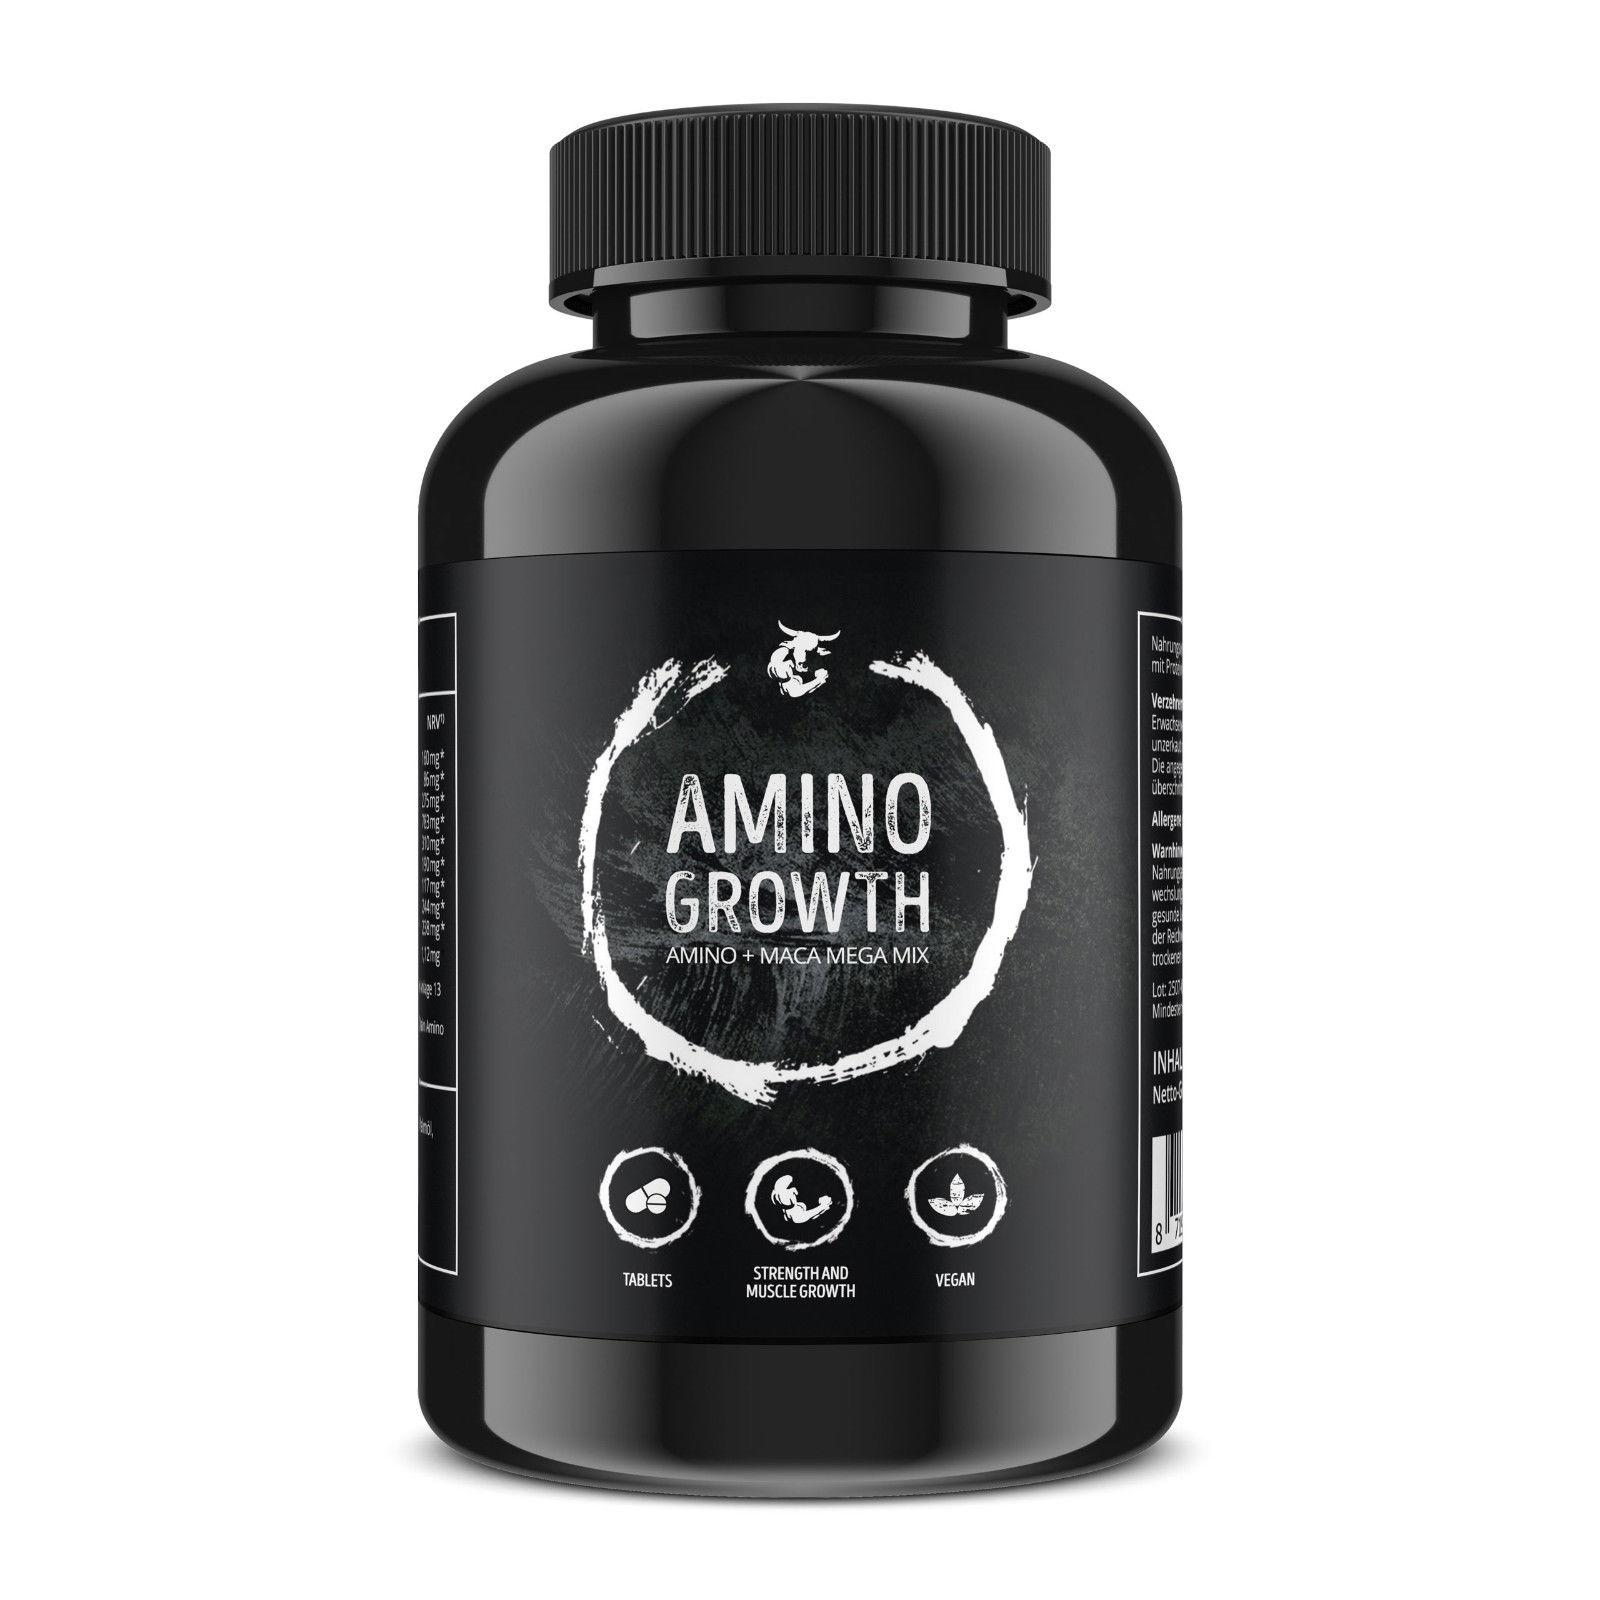 AMINO GROWTH | Aminosäuren Komplex mit Maca & Vitamin B6 | zum Muskelaufbau, Straffung, Diät & Leistungssteigerung - vegane Tabletten | Hochdosiert mit 5000 mg/Portion